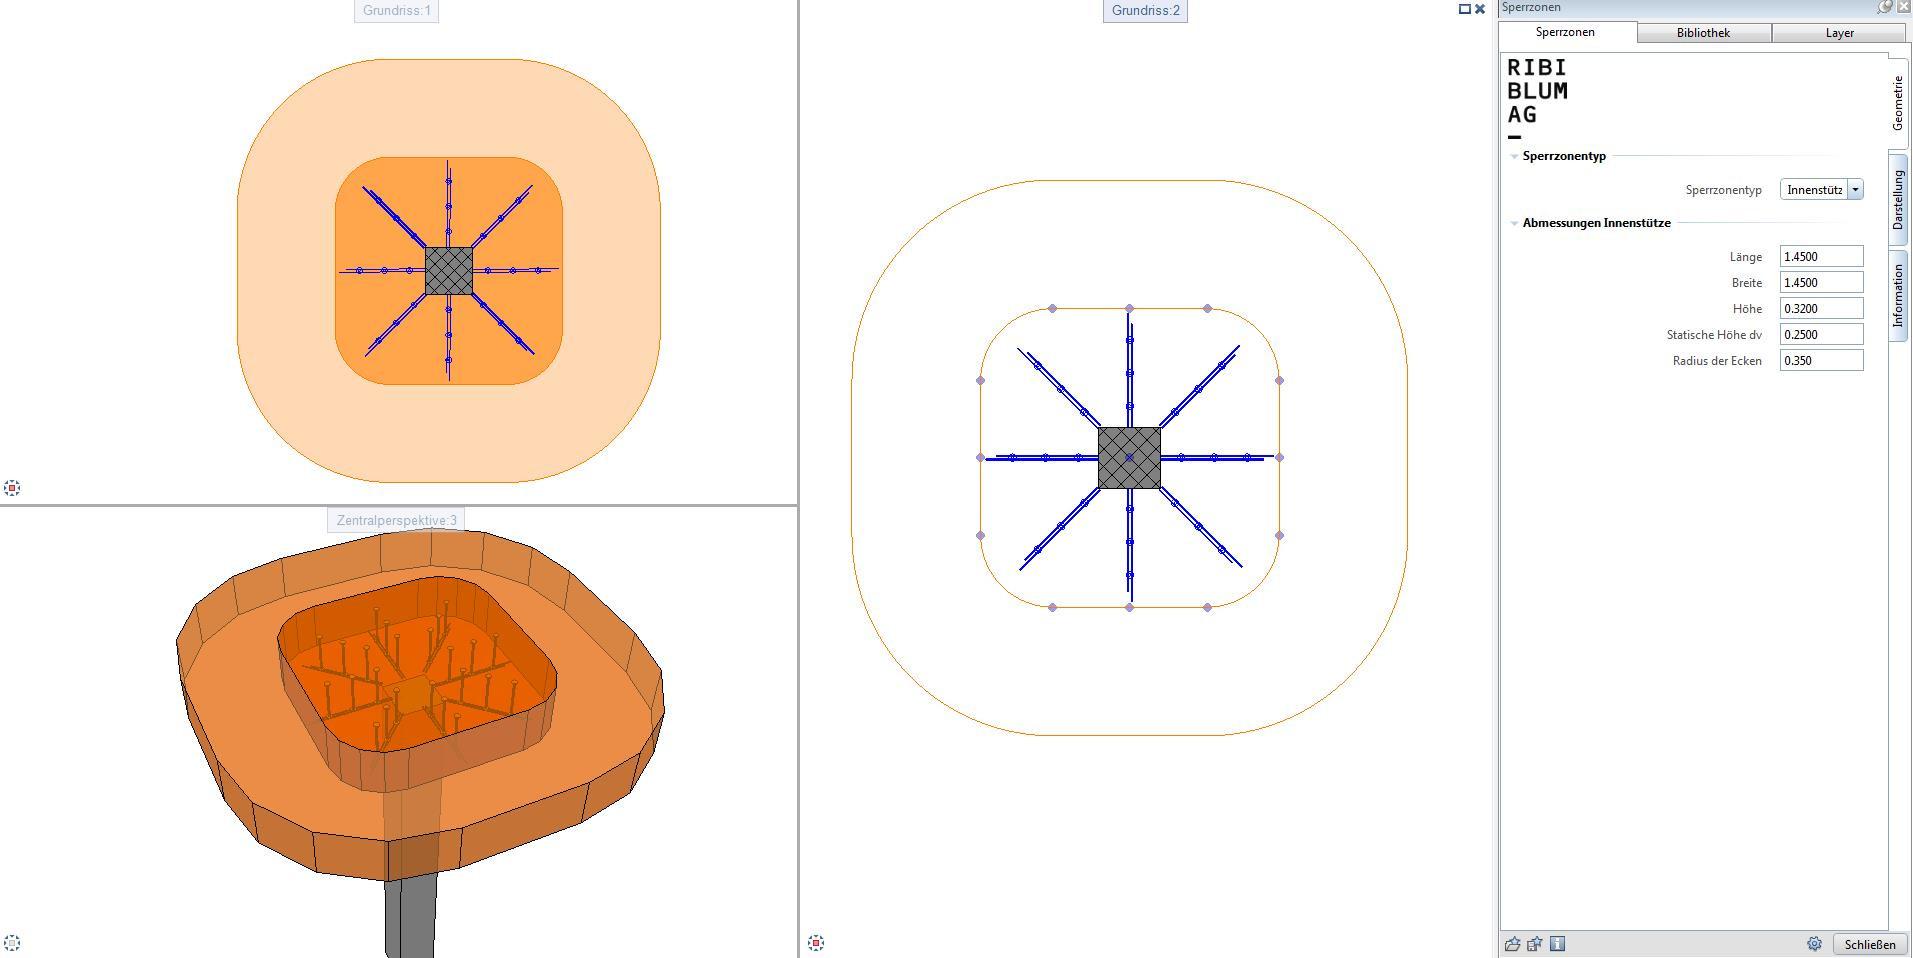 Modellierungstool für Sperrzonen